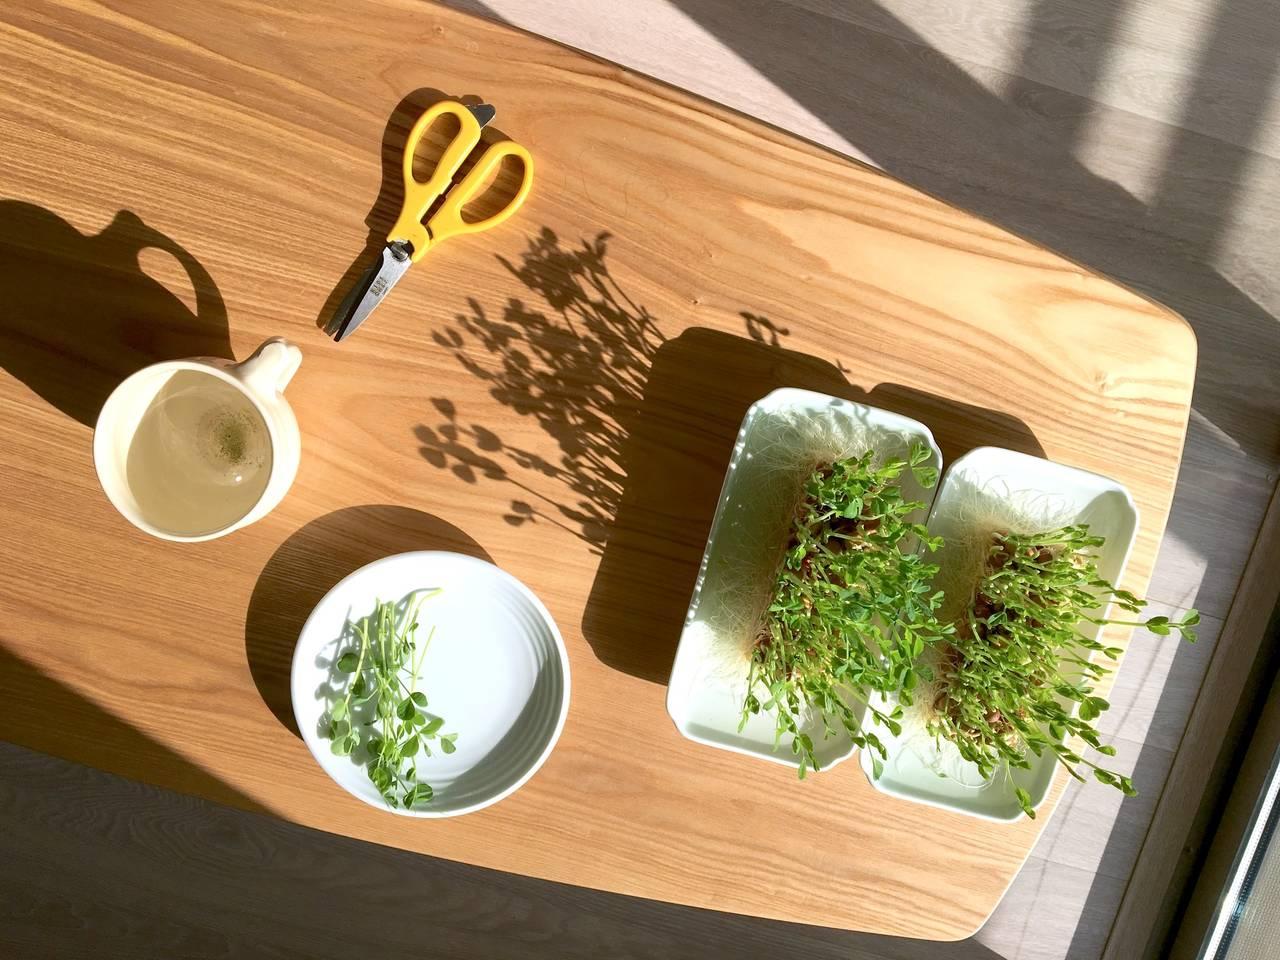 高価な装置なしで始める水耕栽培!親子でも楽しめる家庭菜園の方法